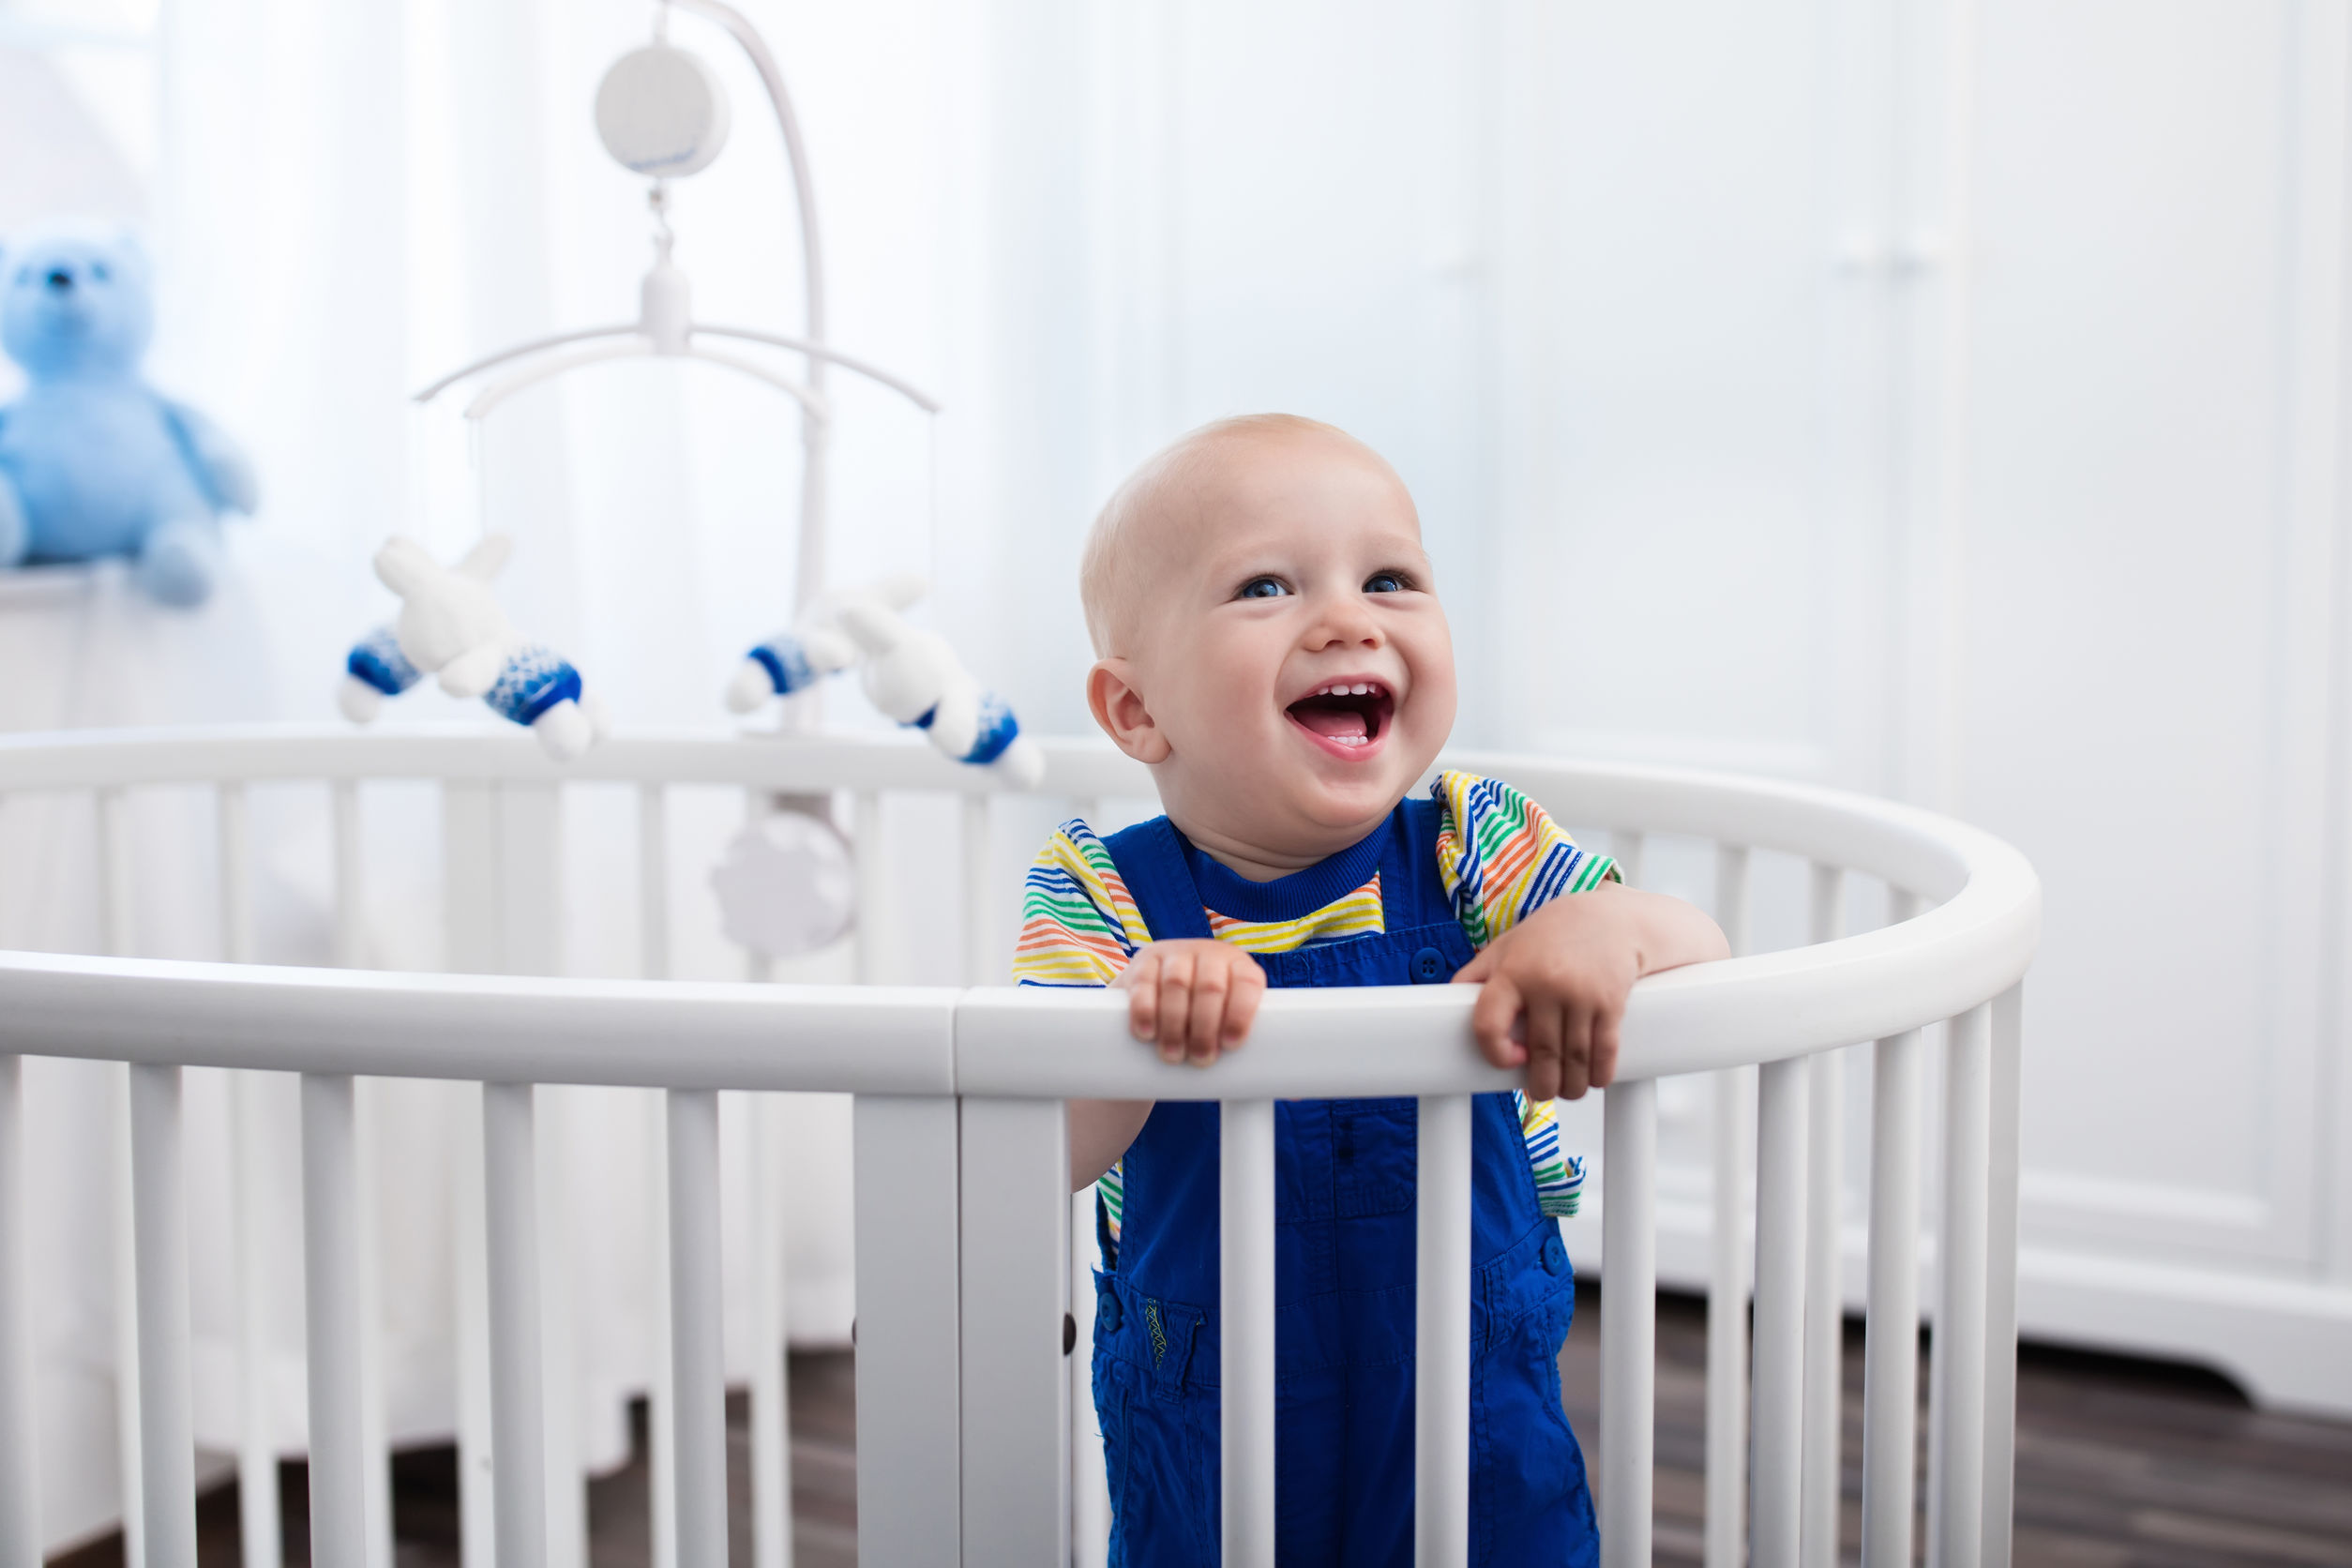 Bebé de risa linda que se coloca en una cama redonda blanca.